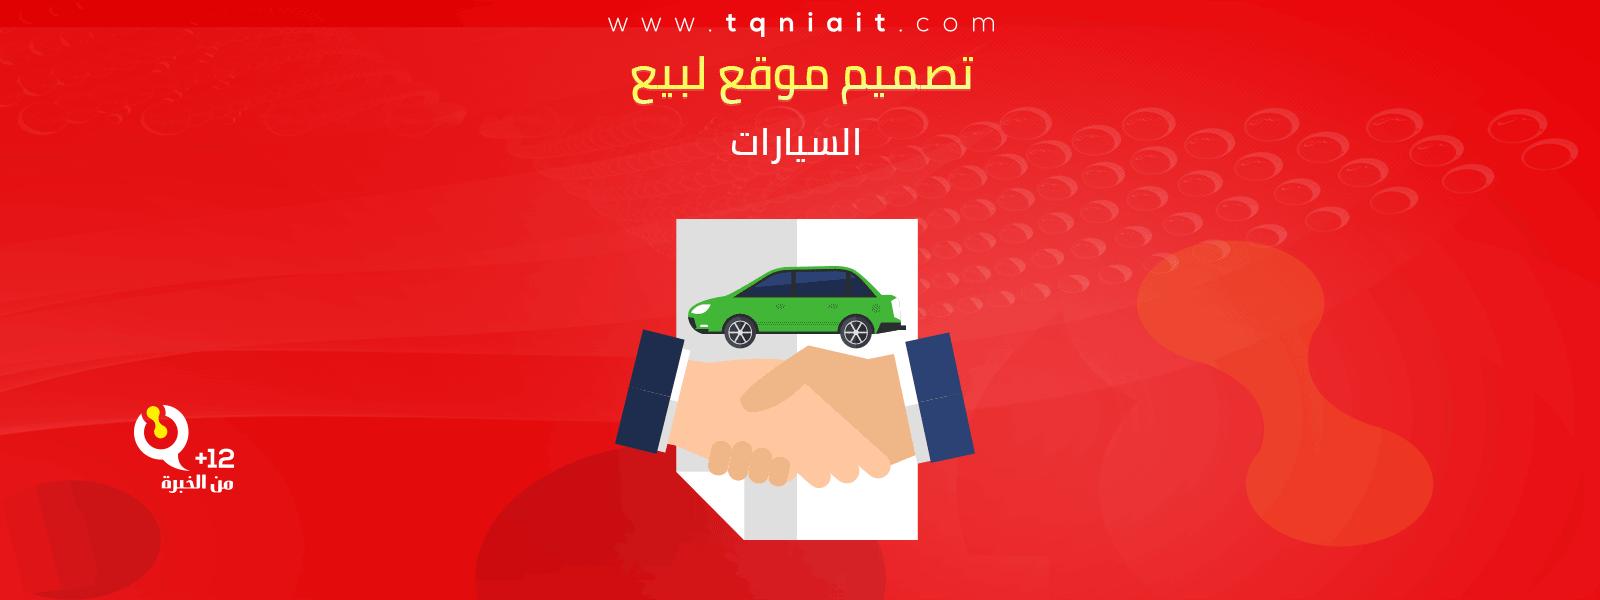 تصميم موقع لبيع السيارات